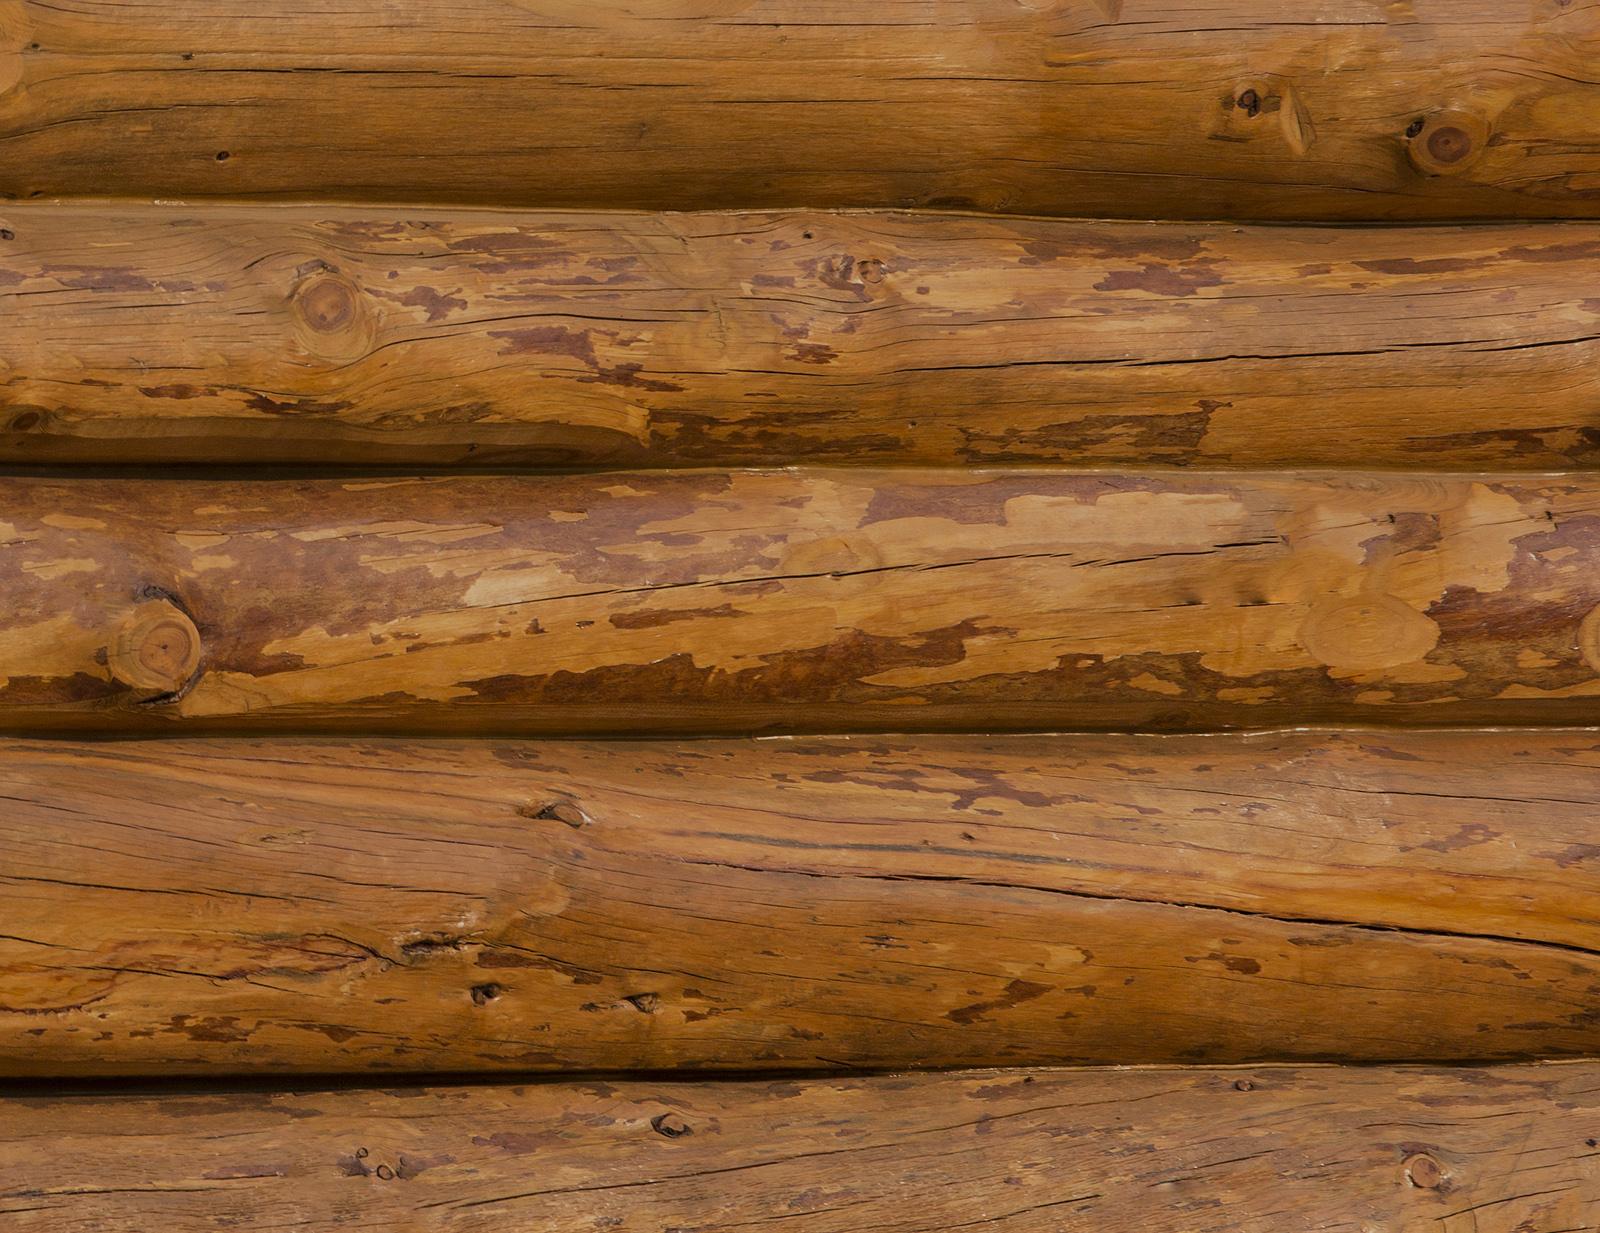 httpcdplodgecomwp contentuploads201301Log Wall Background 1 1600x1233